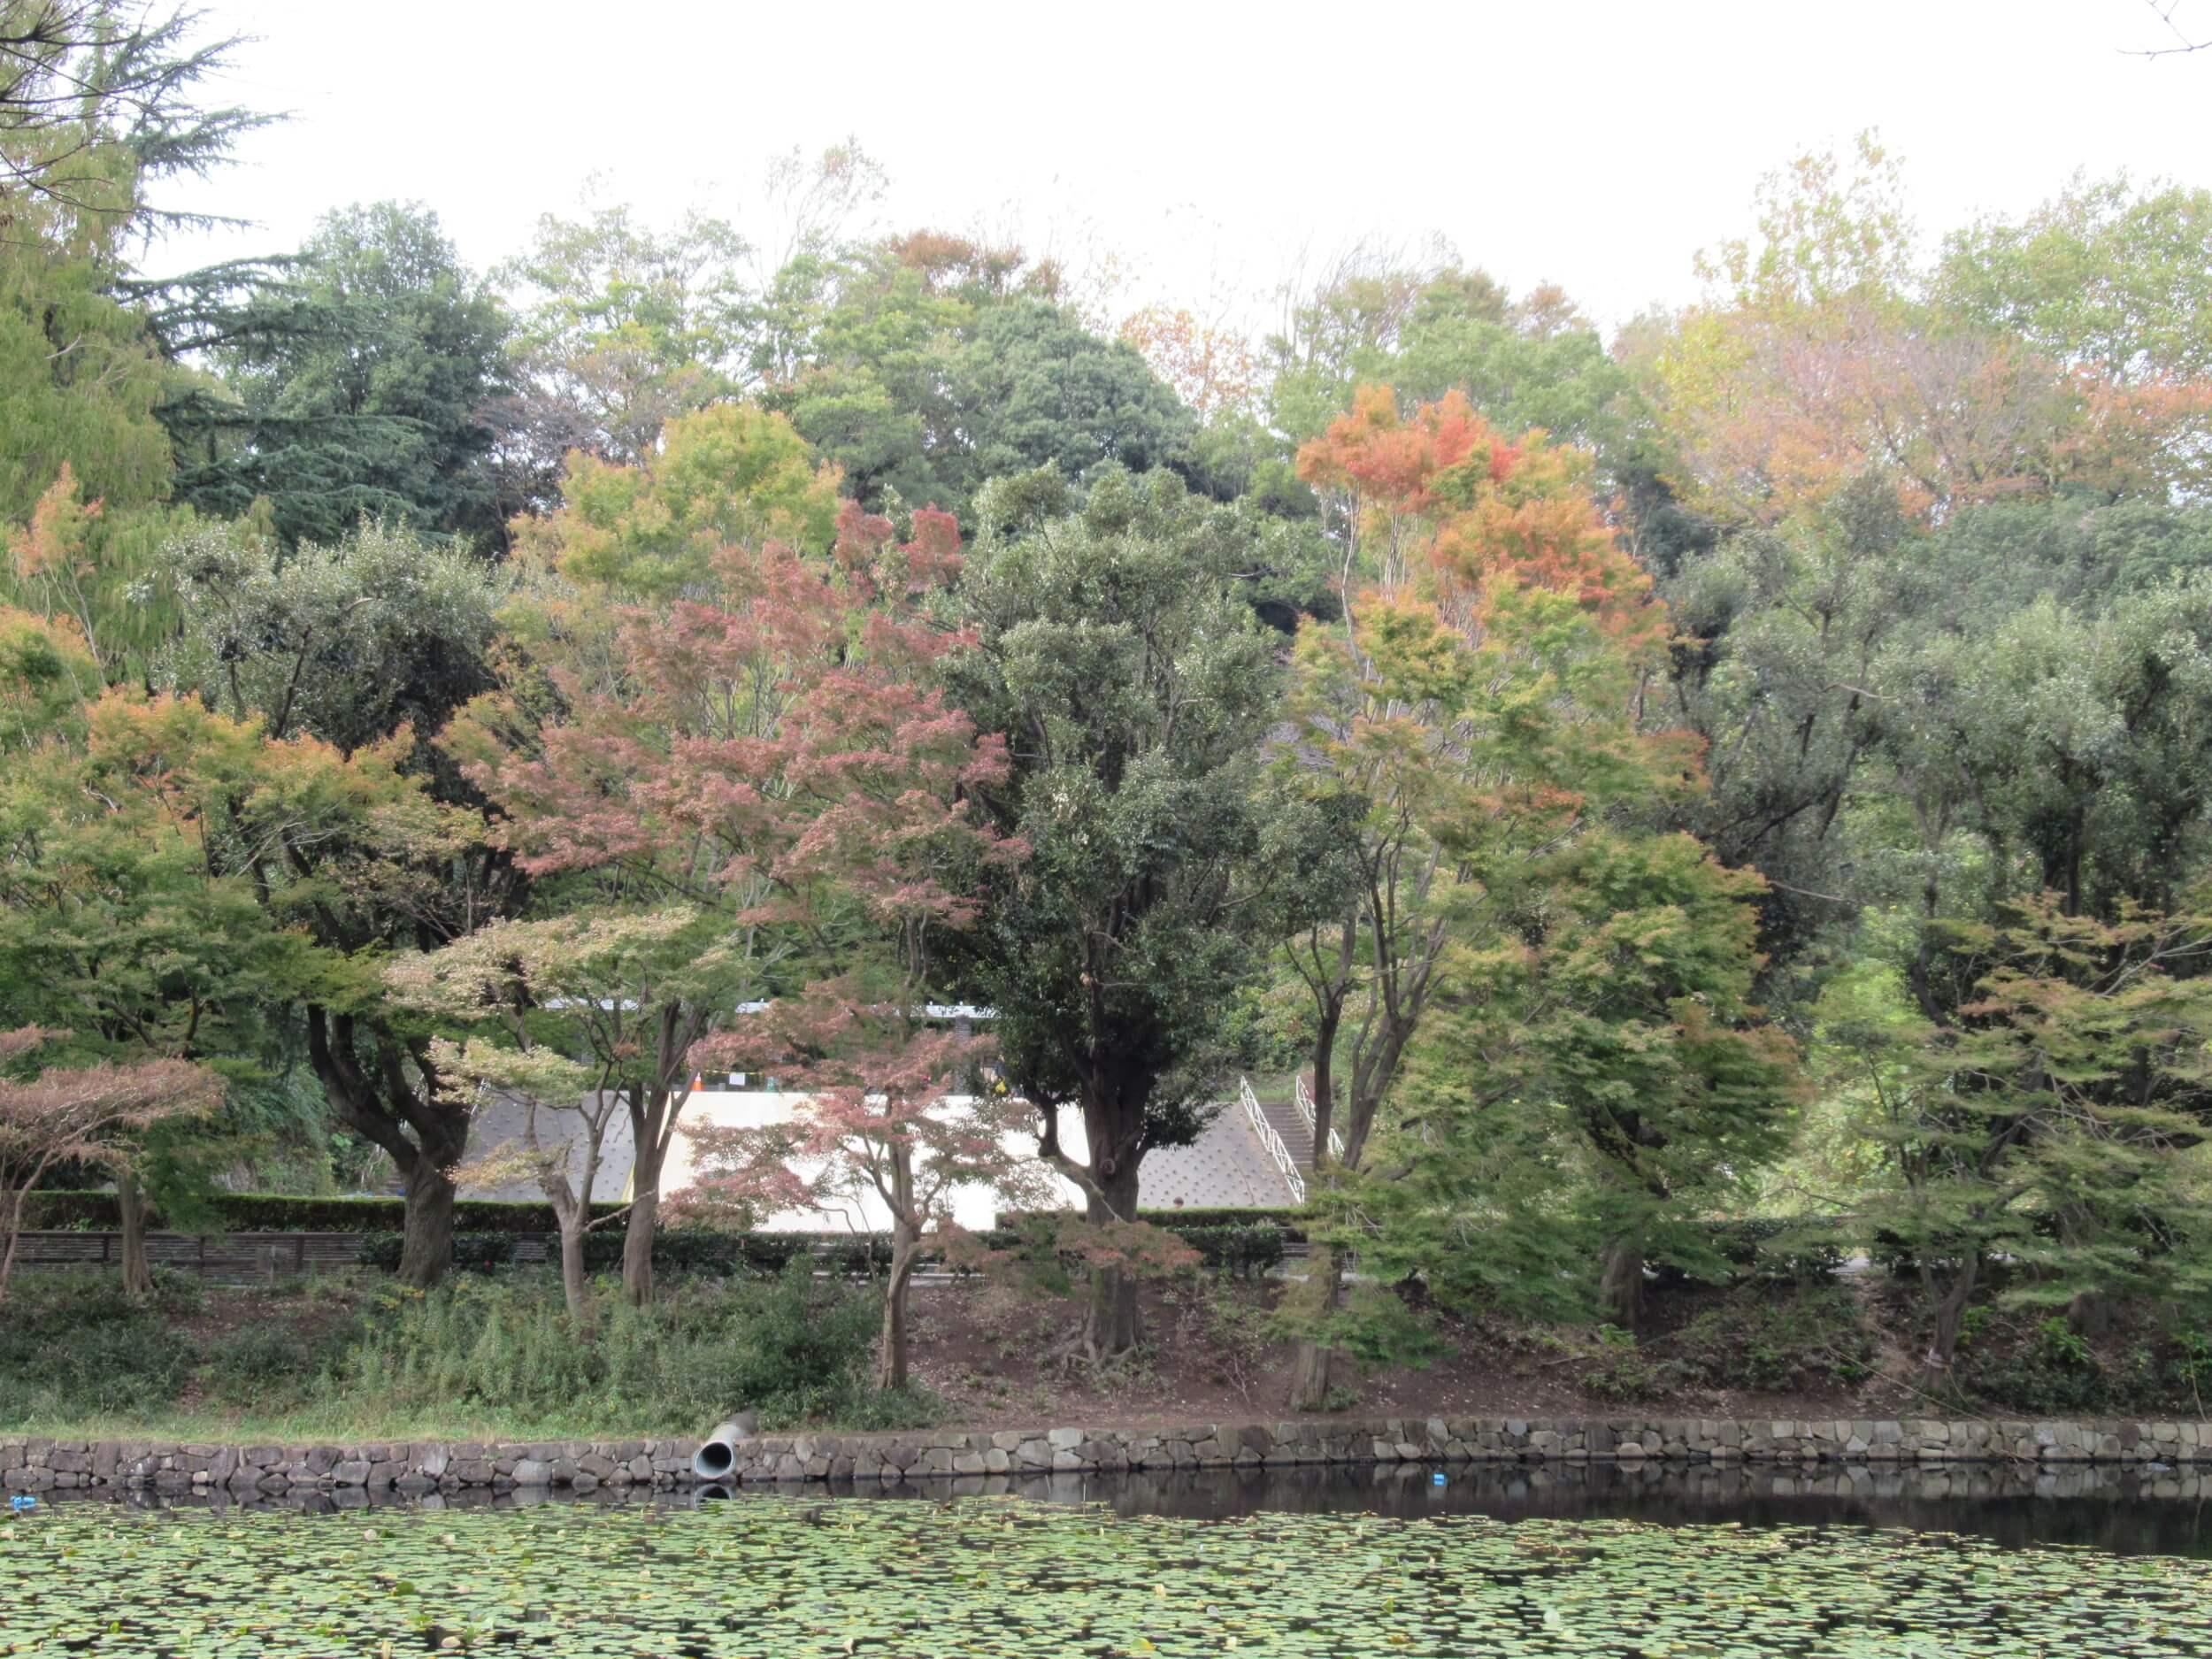 Kaminoike(Upper pond)・Autumn leaves4